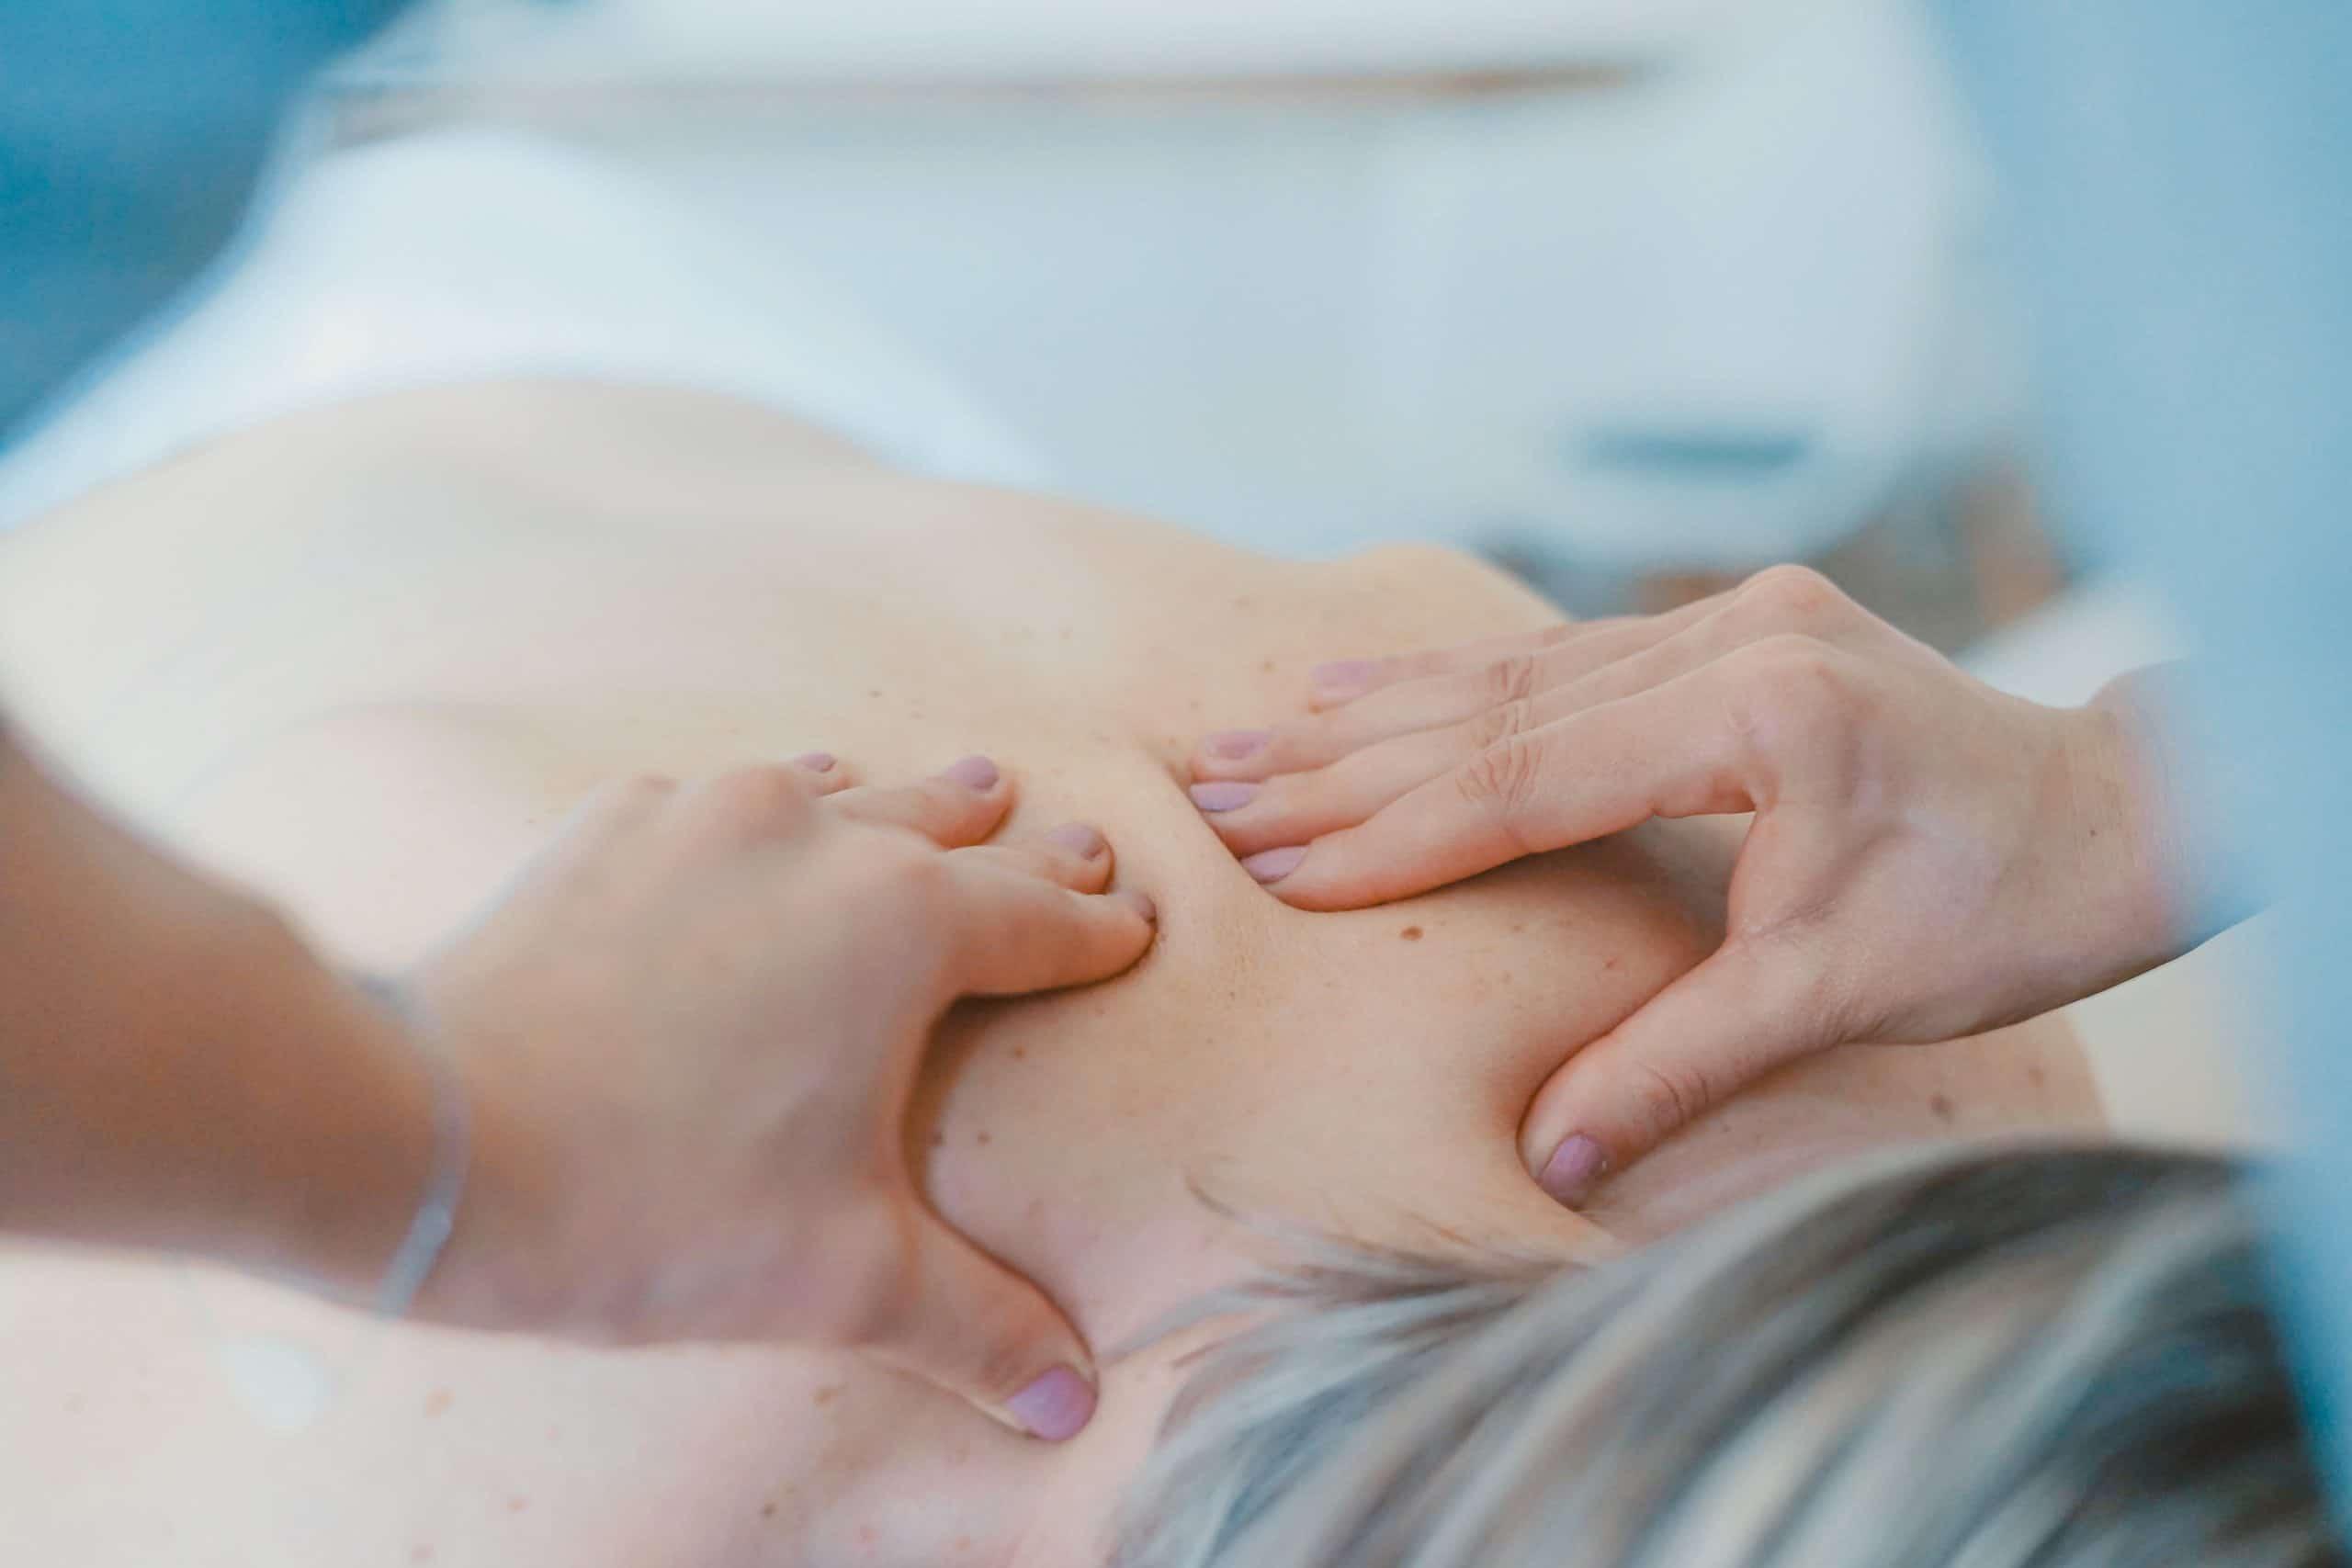 Mãos fazendo massagem nas costas de pessoa deitada vistos de cima